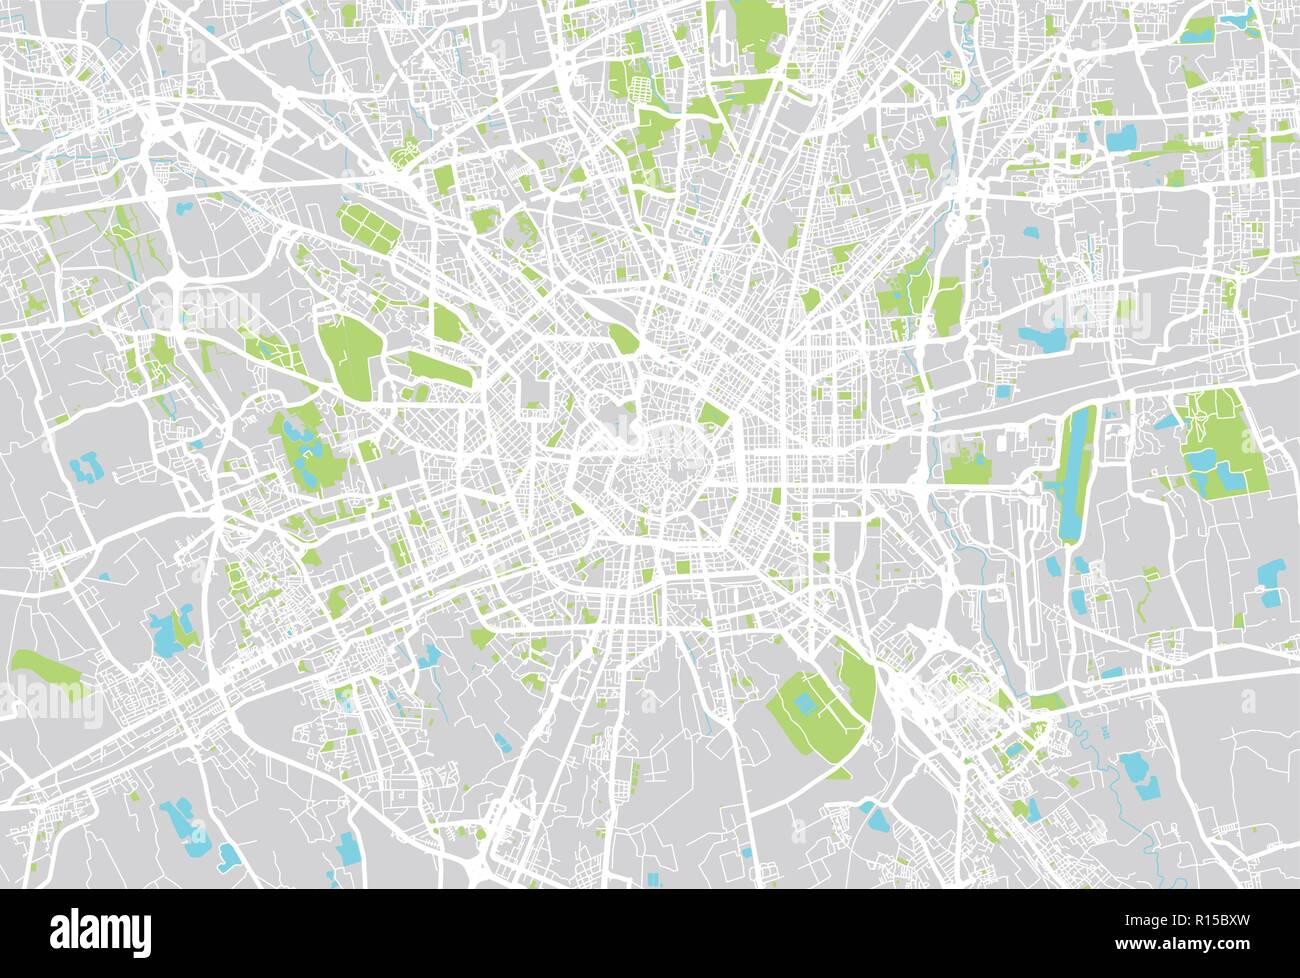 Urban vector city map of Milan, Italy Stock Vector Art ...